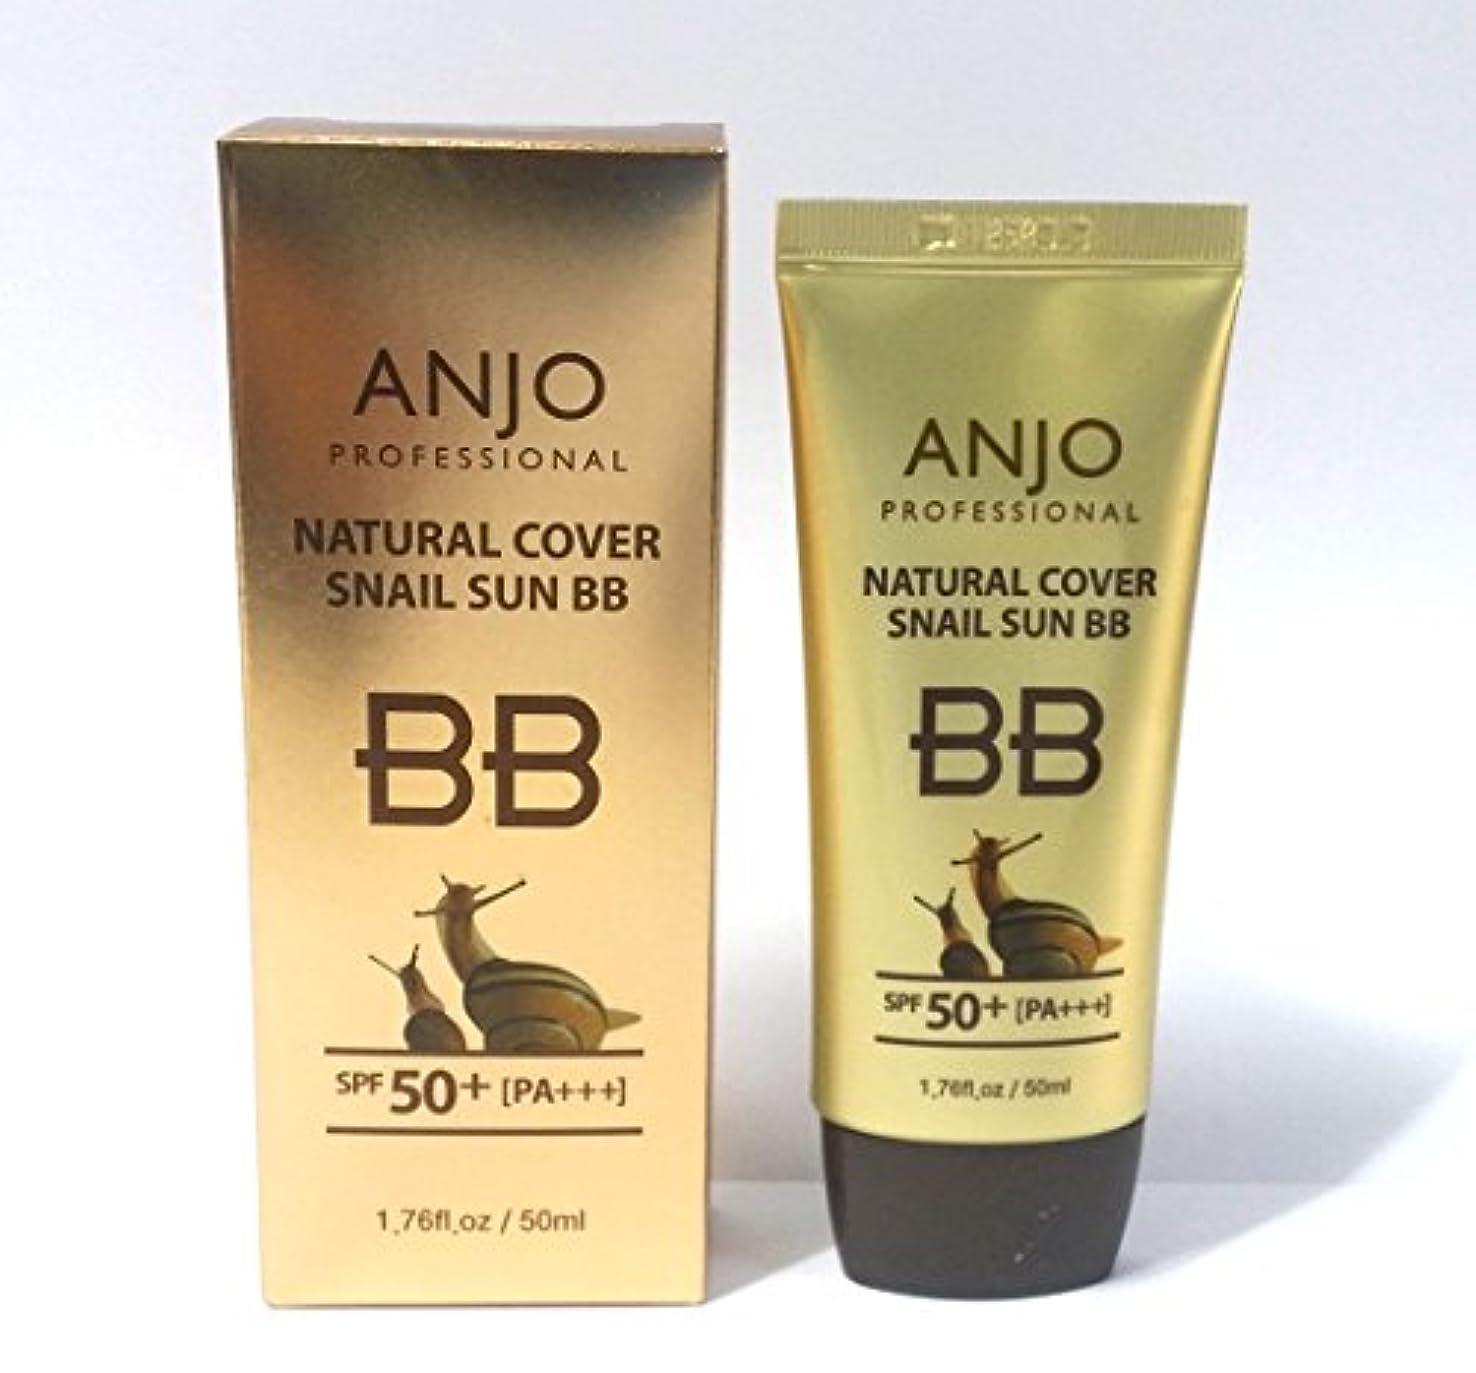 ピクニック注文船酔い[ANJO] ナチュラルカバーカタツムリサンBBクリームSPF 50 + PA +++ 50ml X 1EA /メイクアップベース/カタツムリ粘液 / Natural Cover Snail Sun BB Cream SPF...